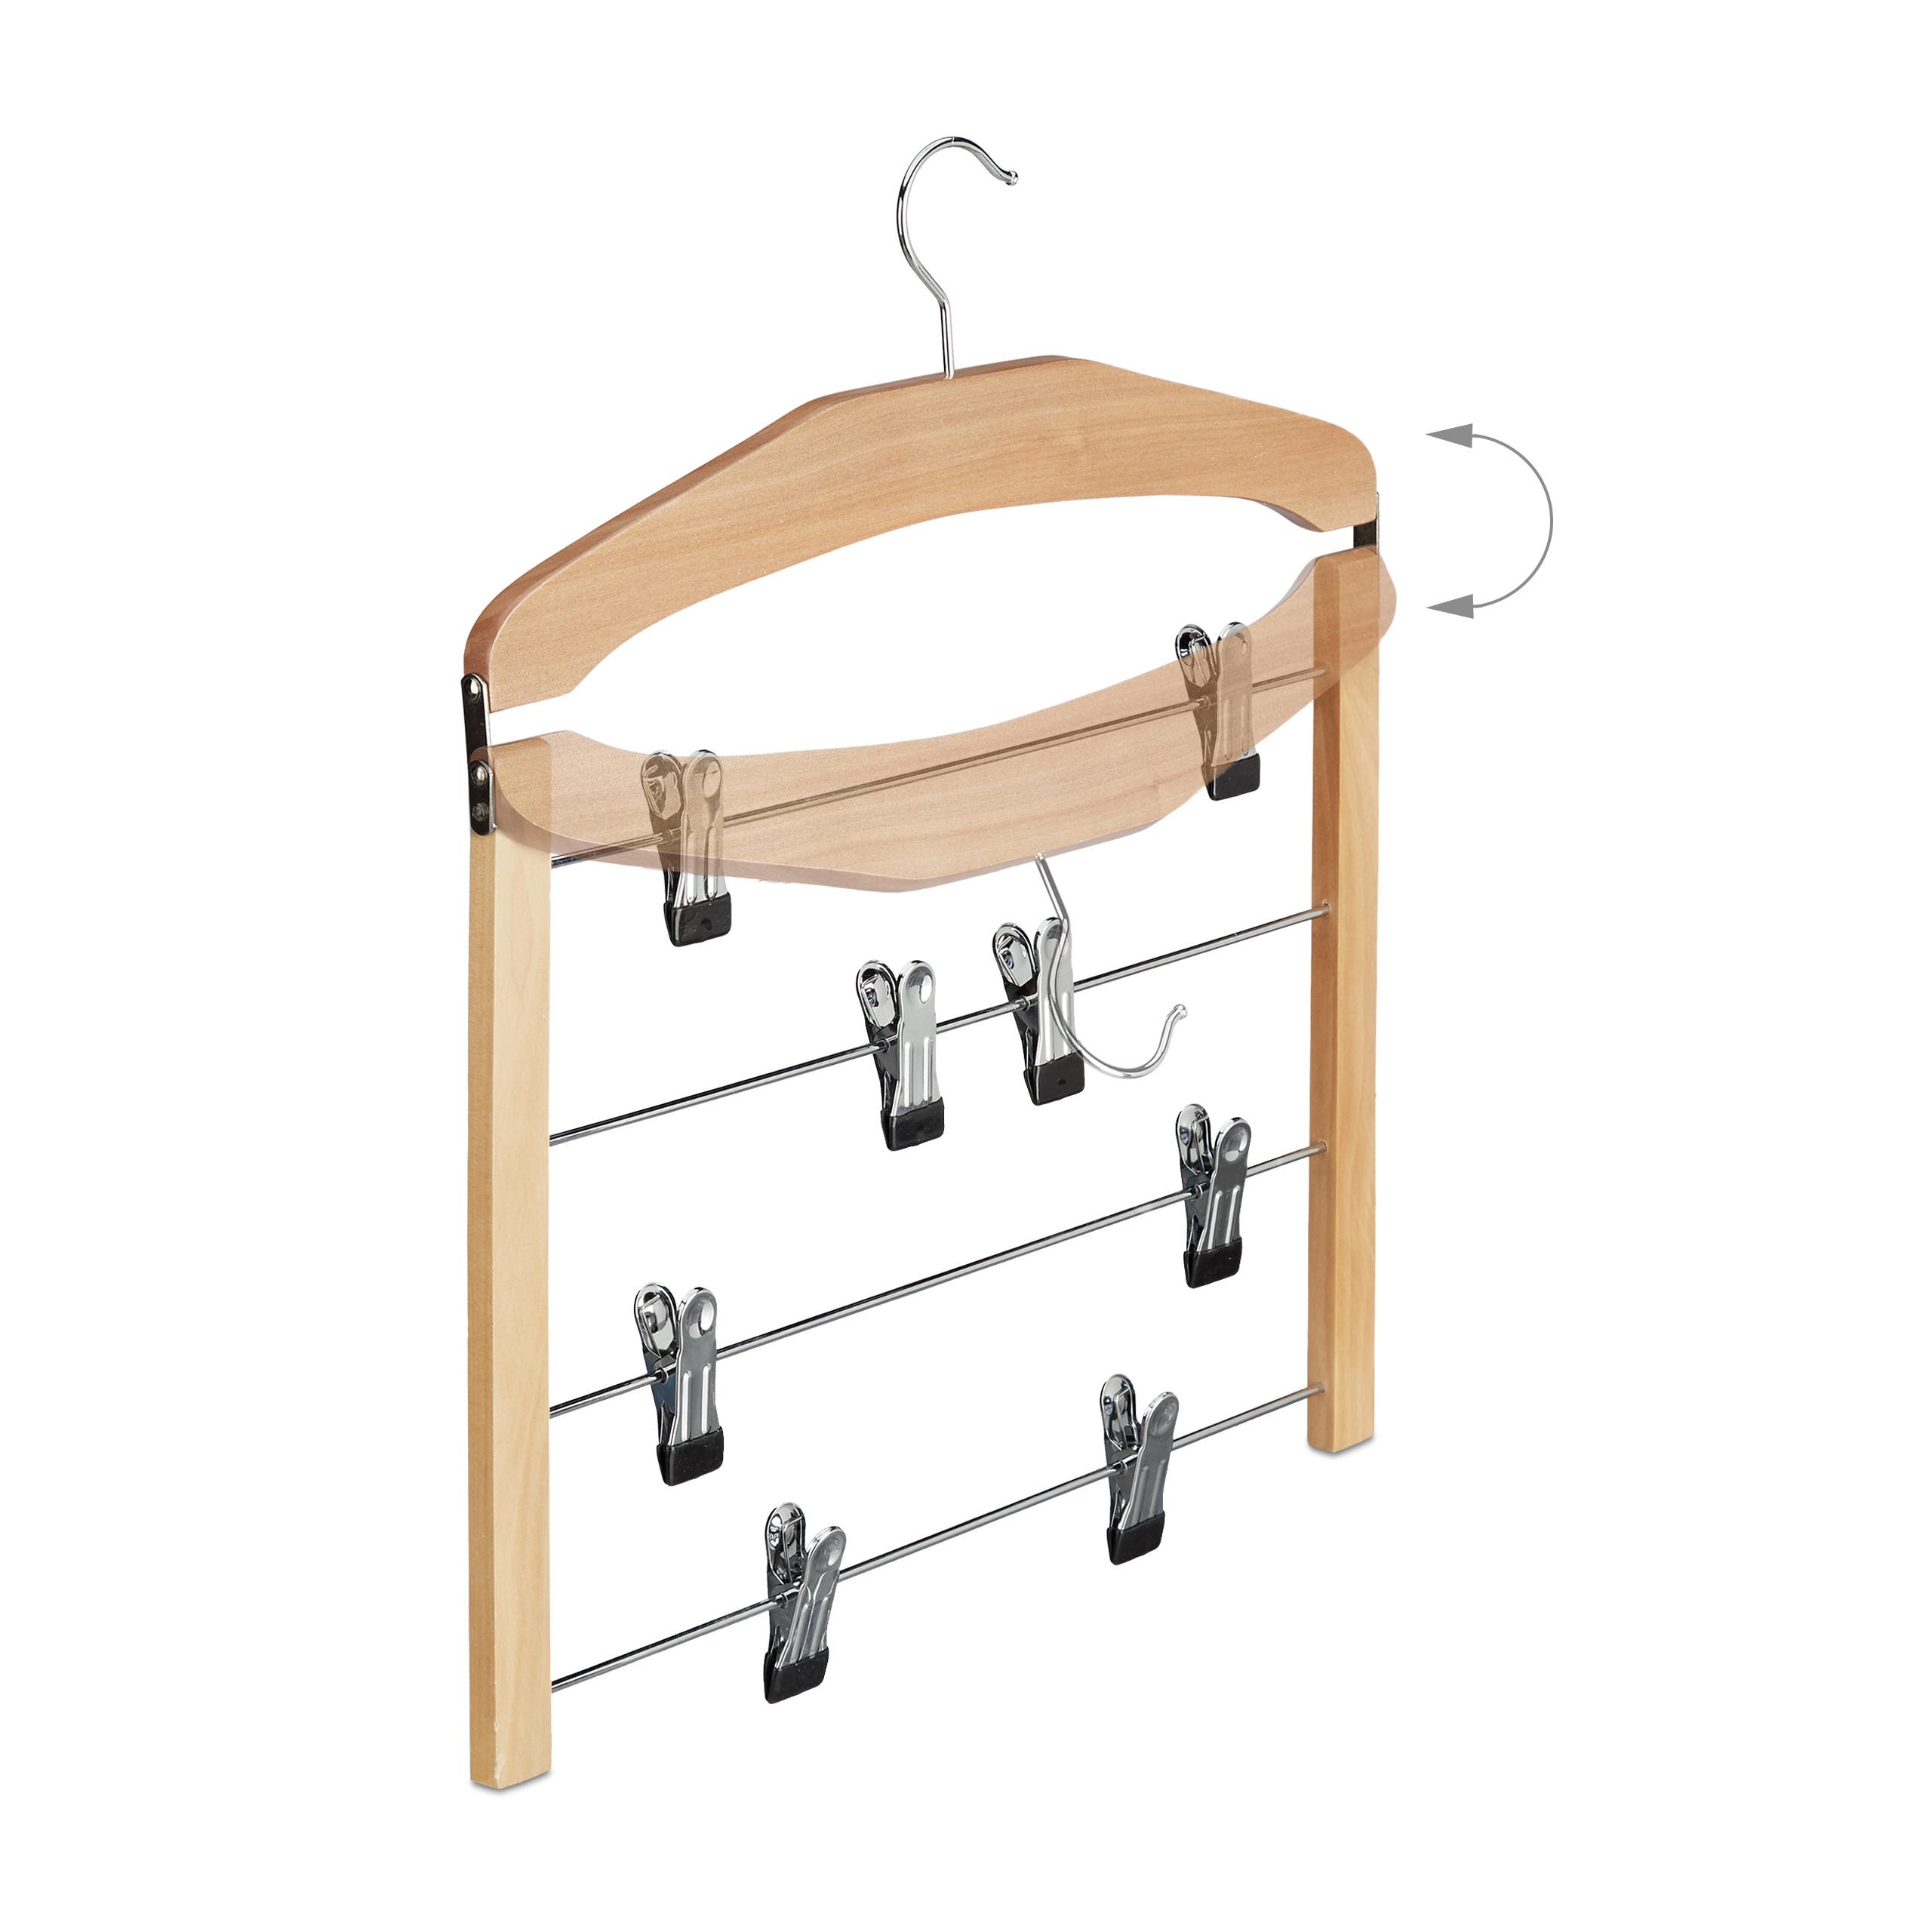 Automatisches Wasserstandsregelventil im oberen oberen Einlass für